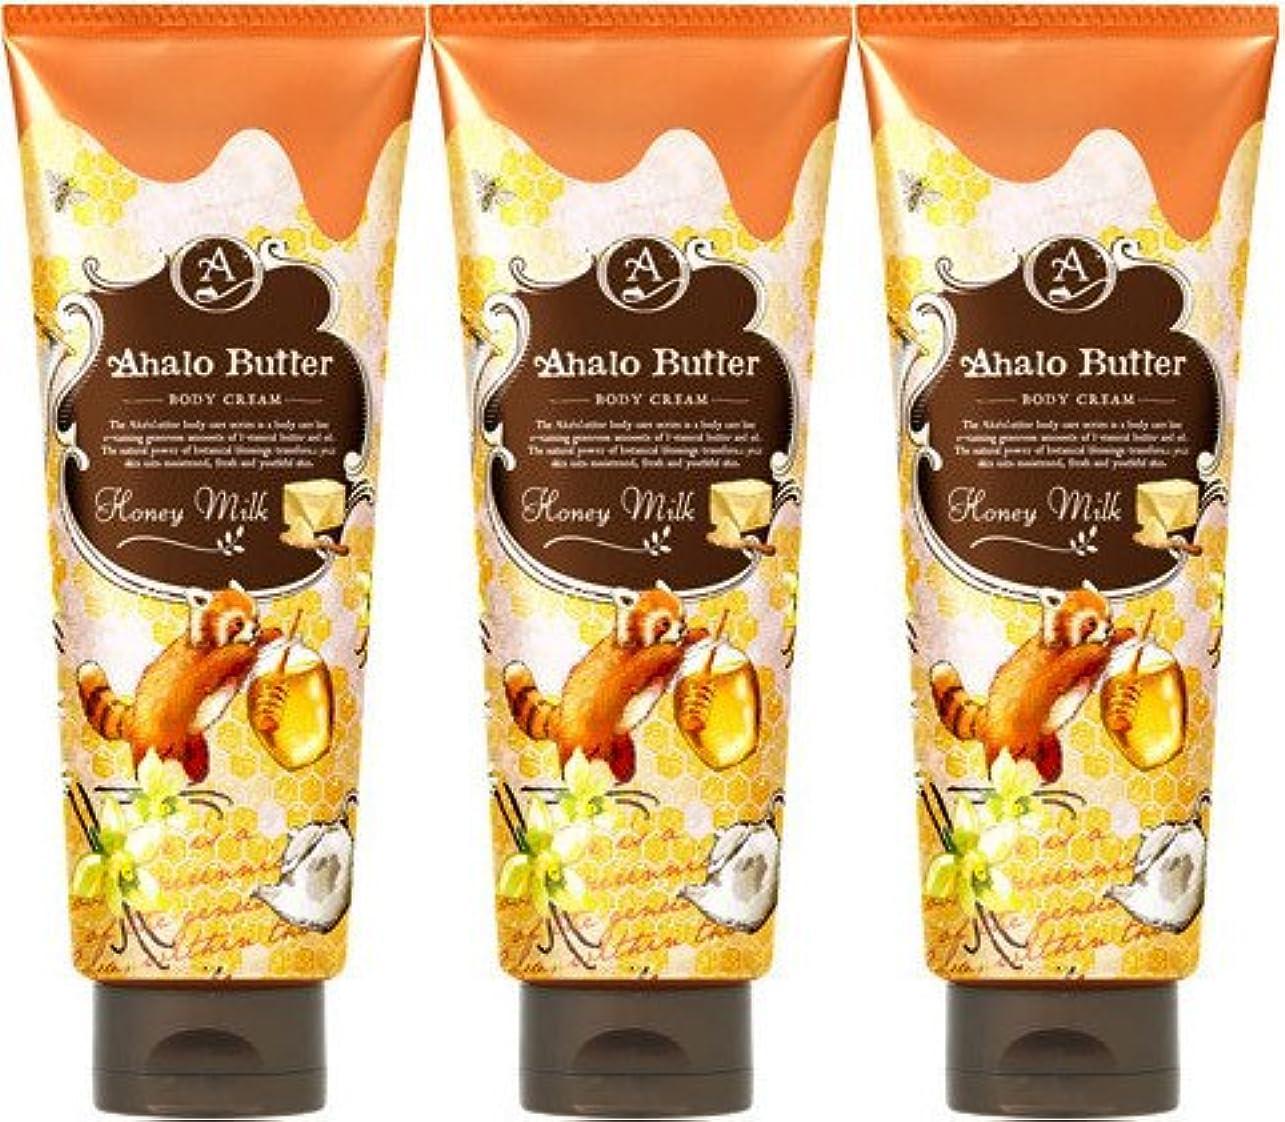 慈善名義で軽減【3個セット】Ahalo butter(アハロバター) ボディクリーム ハニーミルク 150g